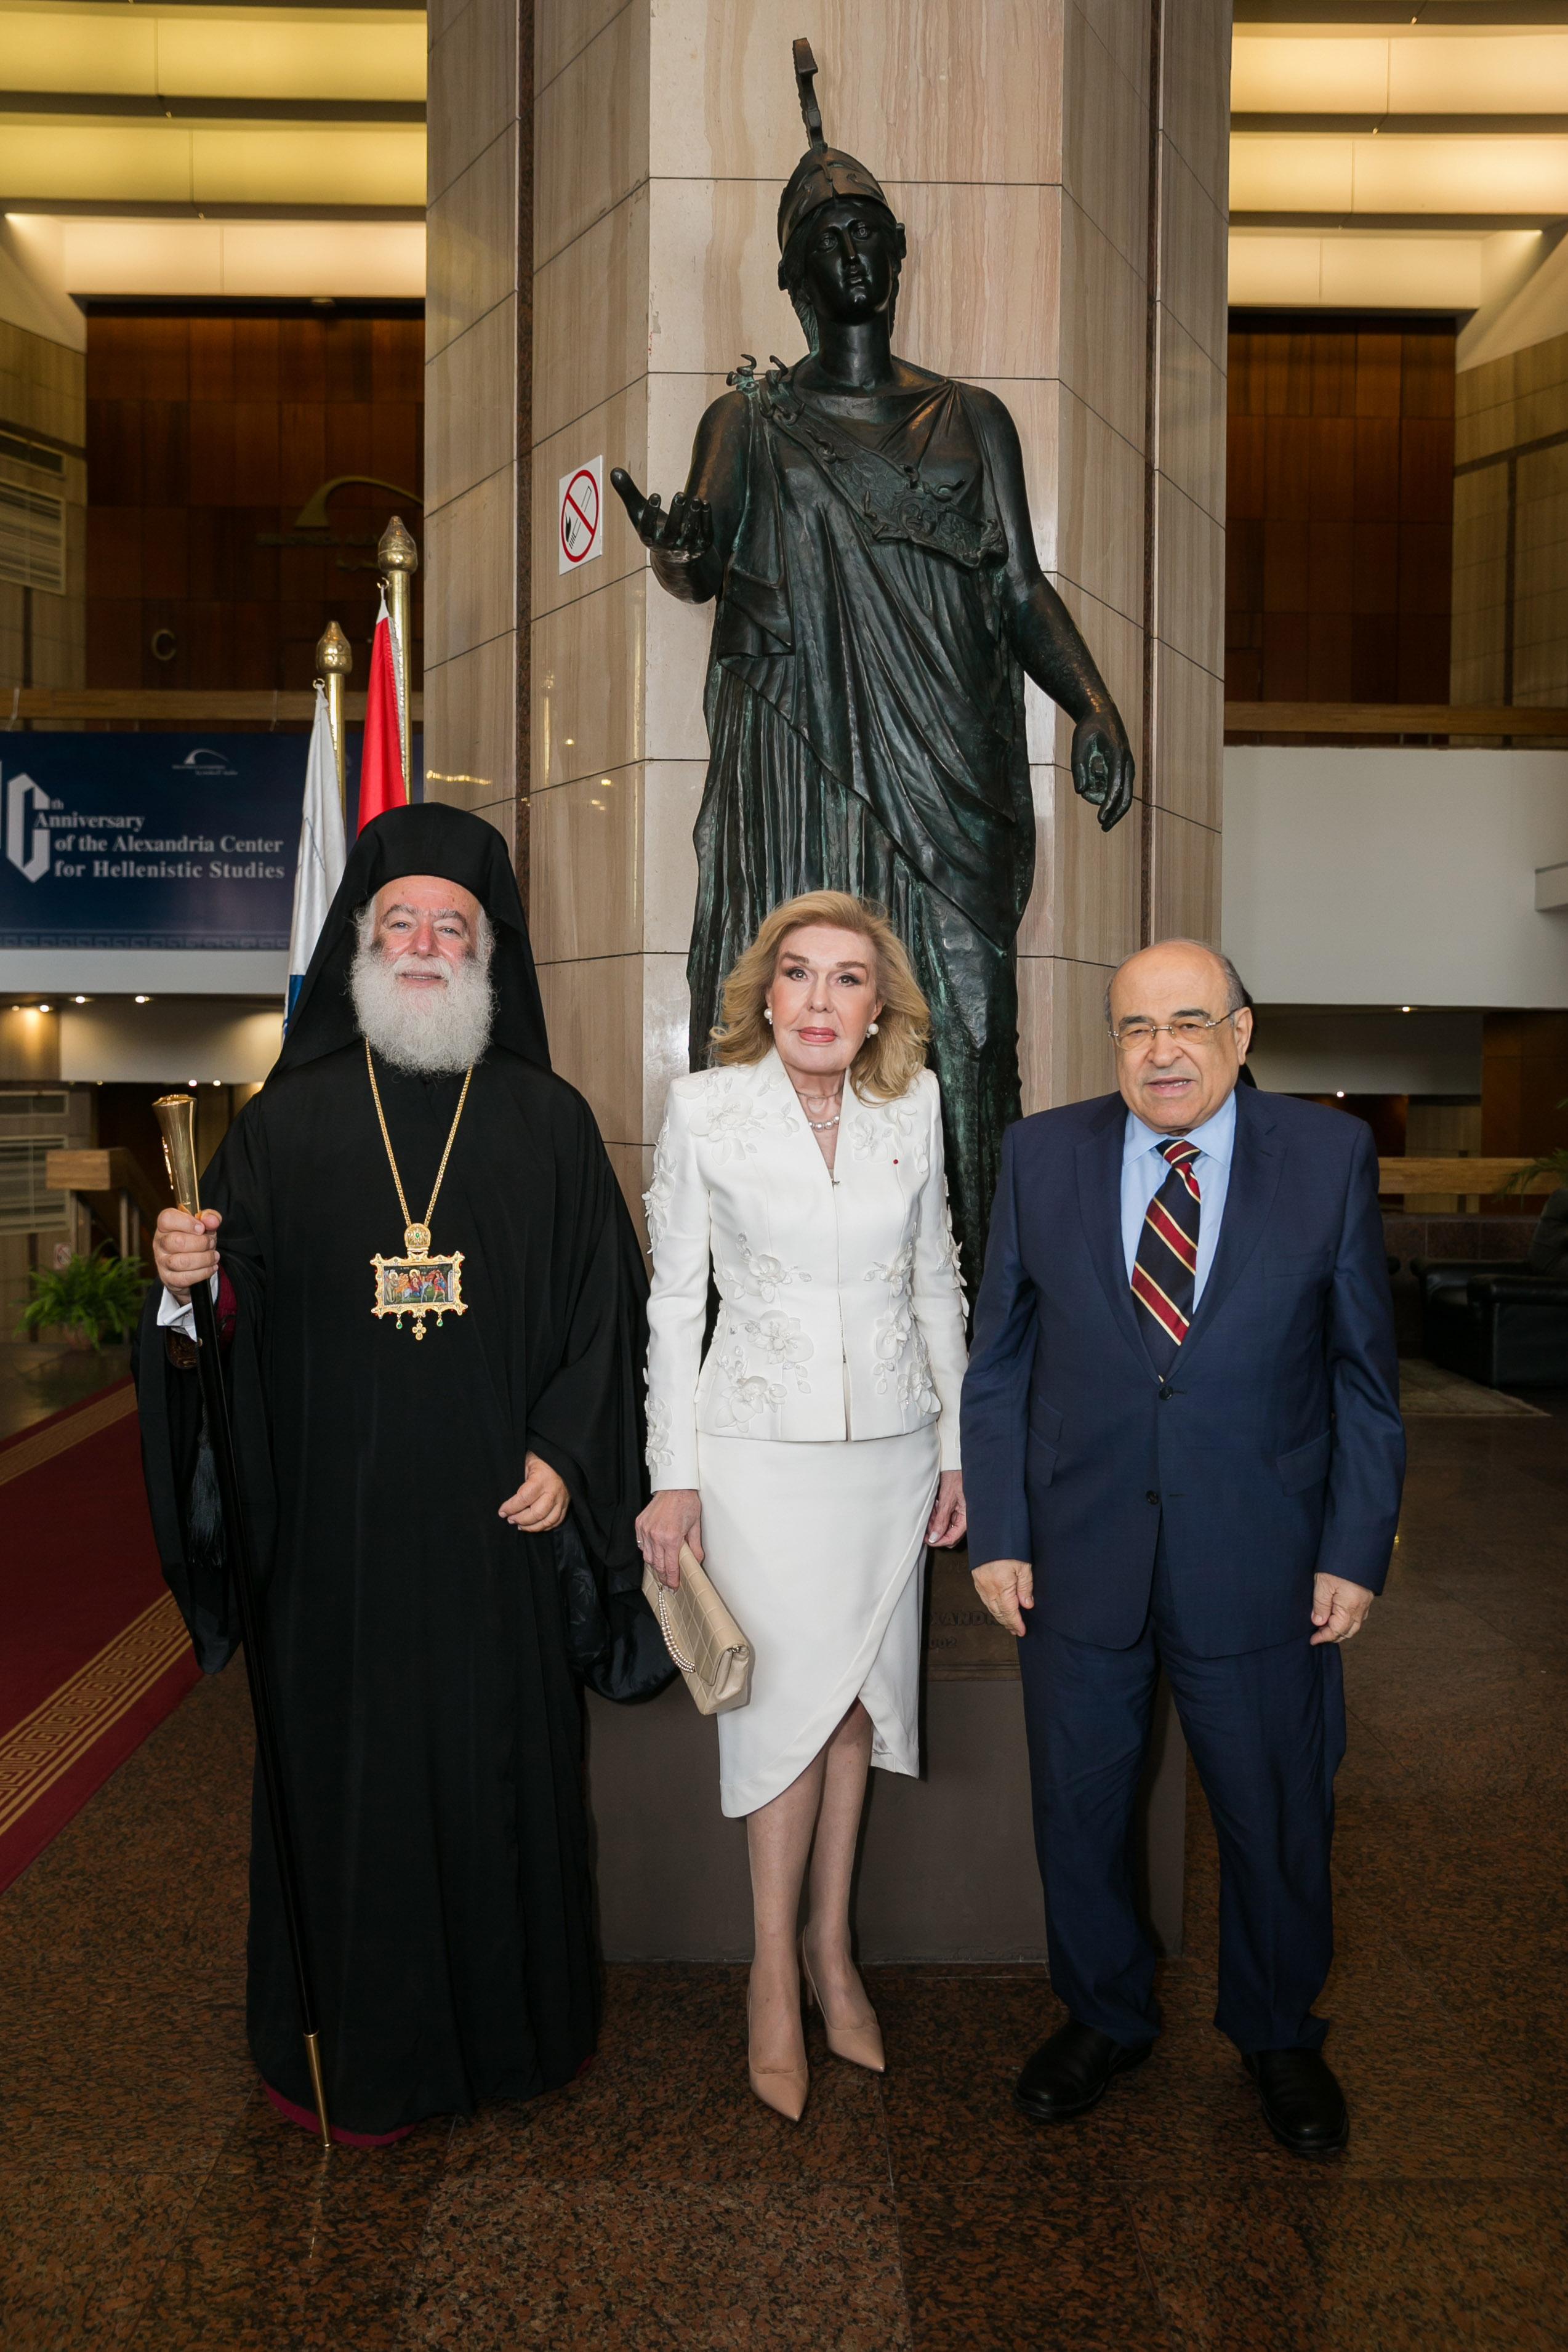 Μακαριώτατος Πατριάρχης Αλεξάνδρειας και Πάσης Αφρικής Θεόδωρος Β',  Μαριάννα Β. Βαρδινογιάννη,  Mostafa El Feki